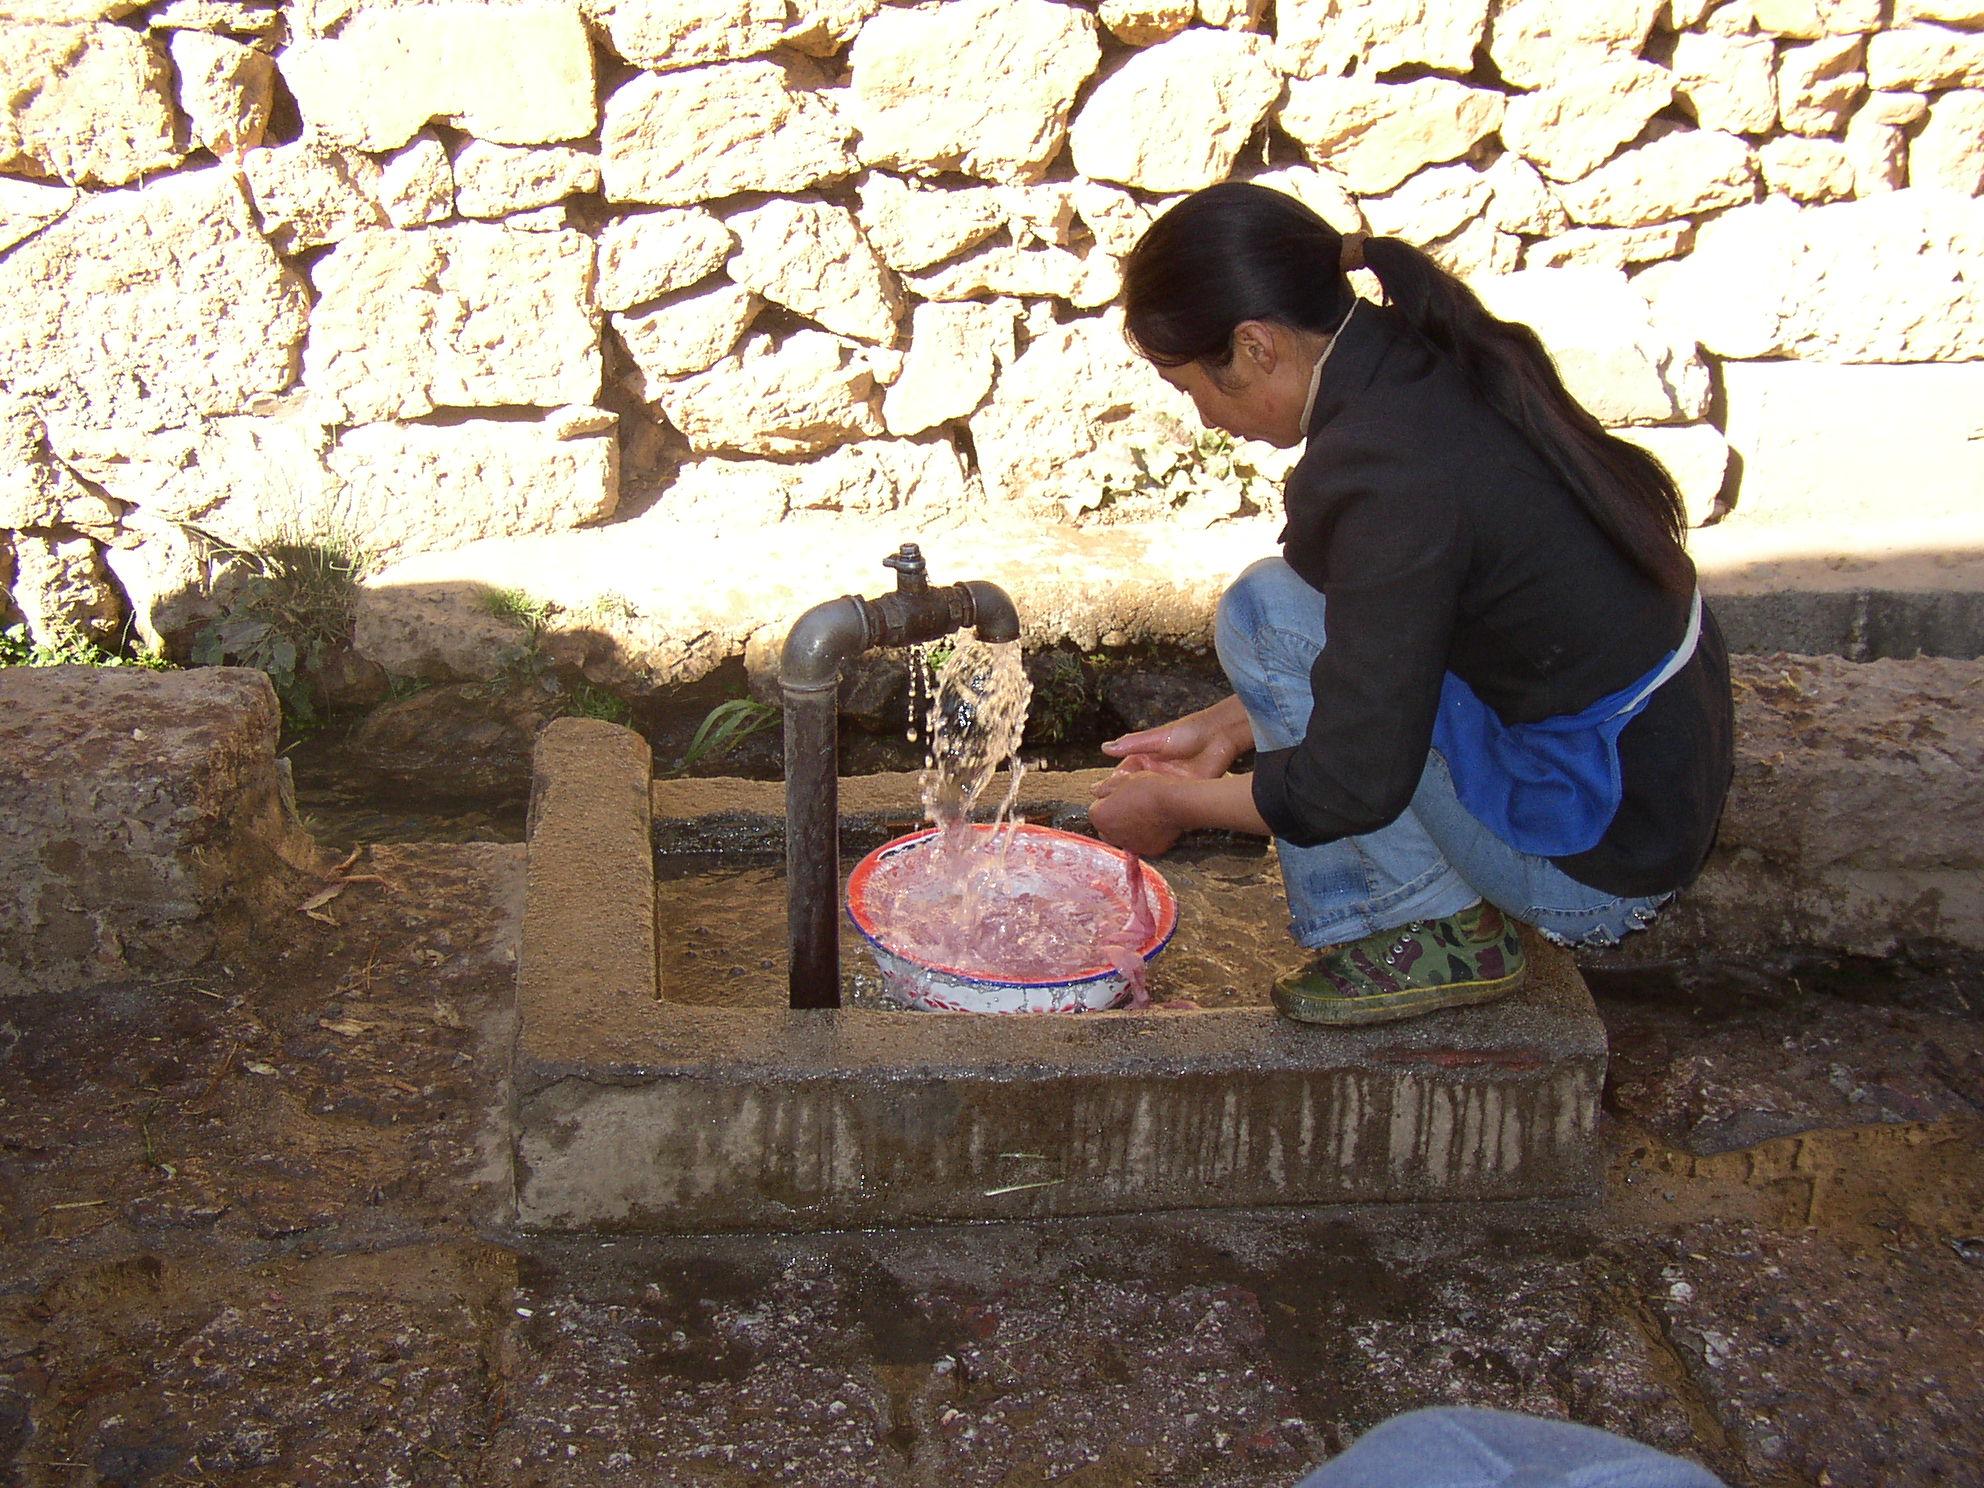 ナシ族の村 腸詰めを洗う女